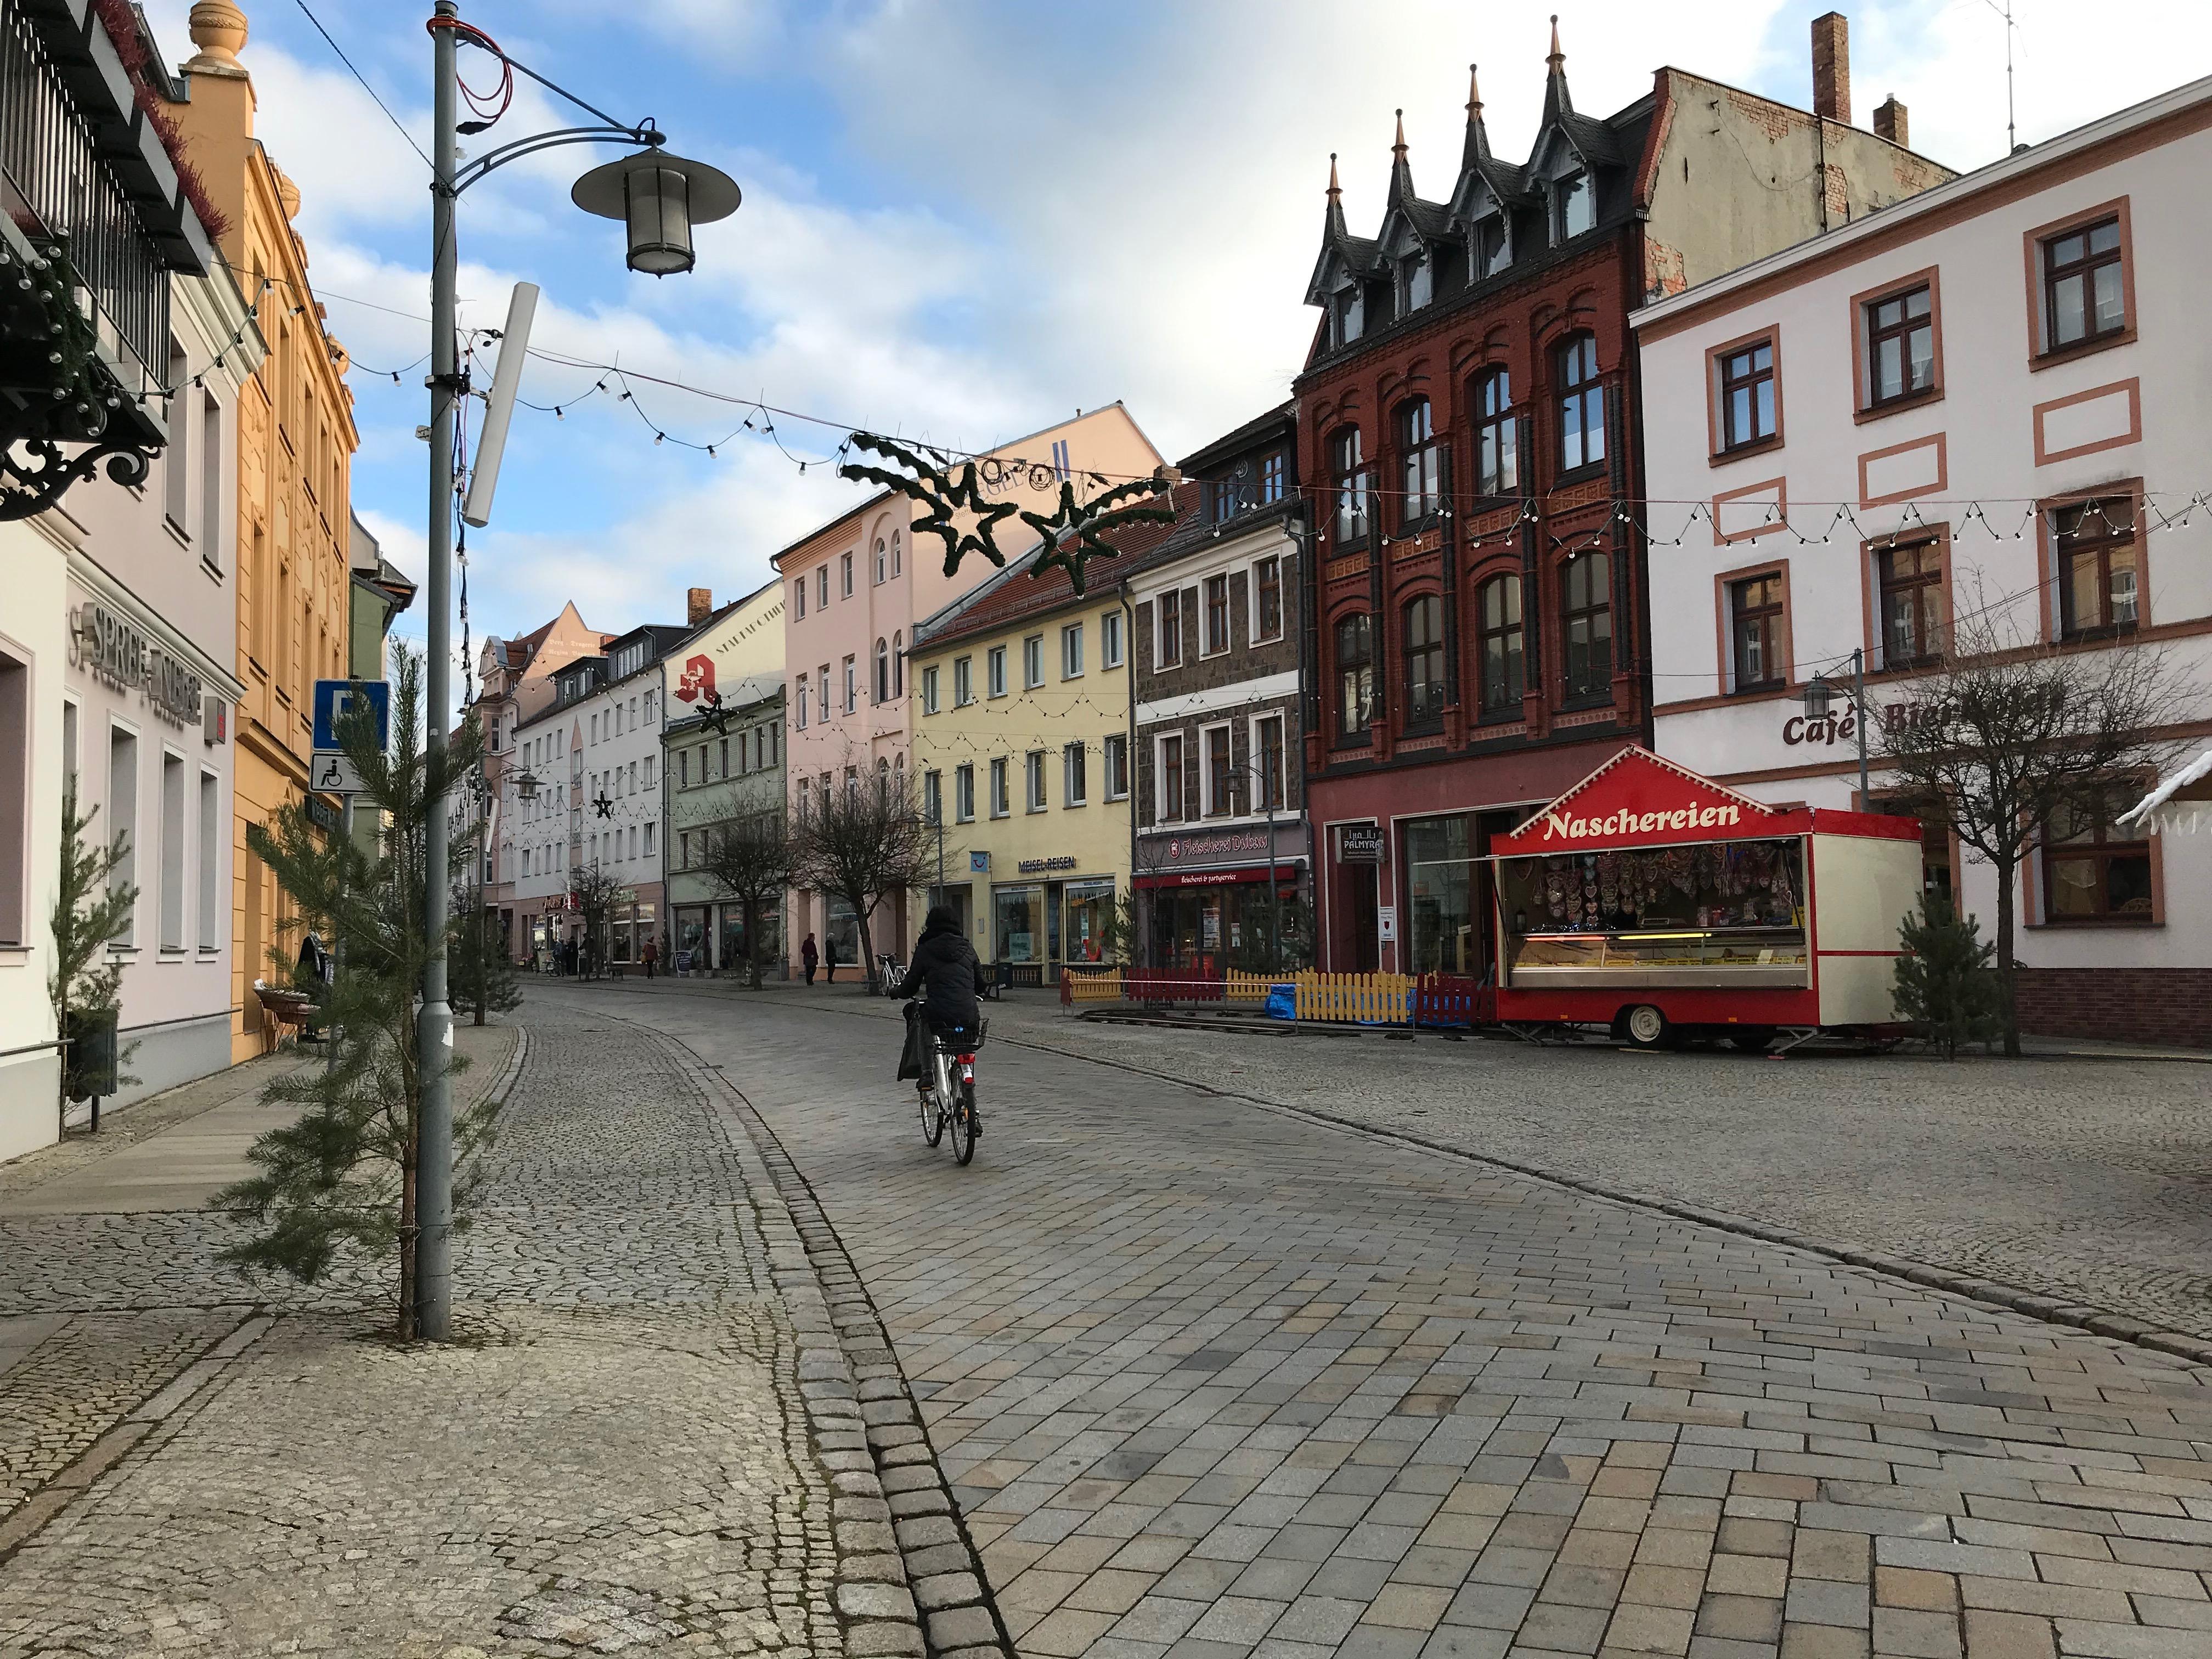 Spremberg (Brandenburg) liegt im Braunkohle-Revier und leidet am Wegzug junger Leute. Die Werbung um Rückkehrer soll die Lösung bringen.